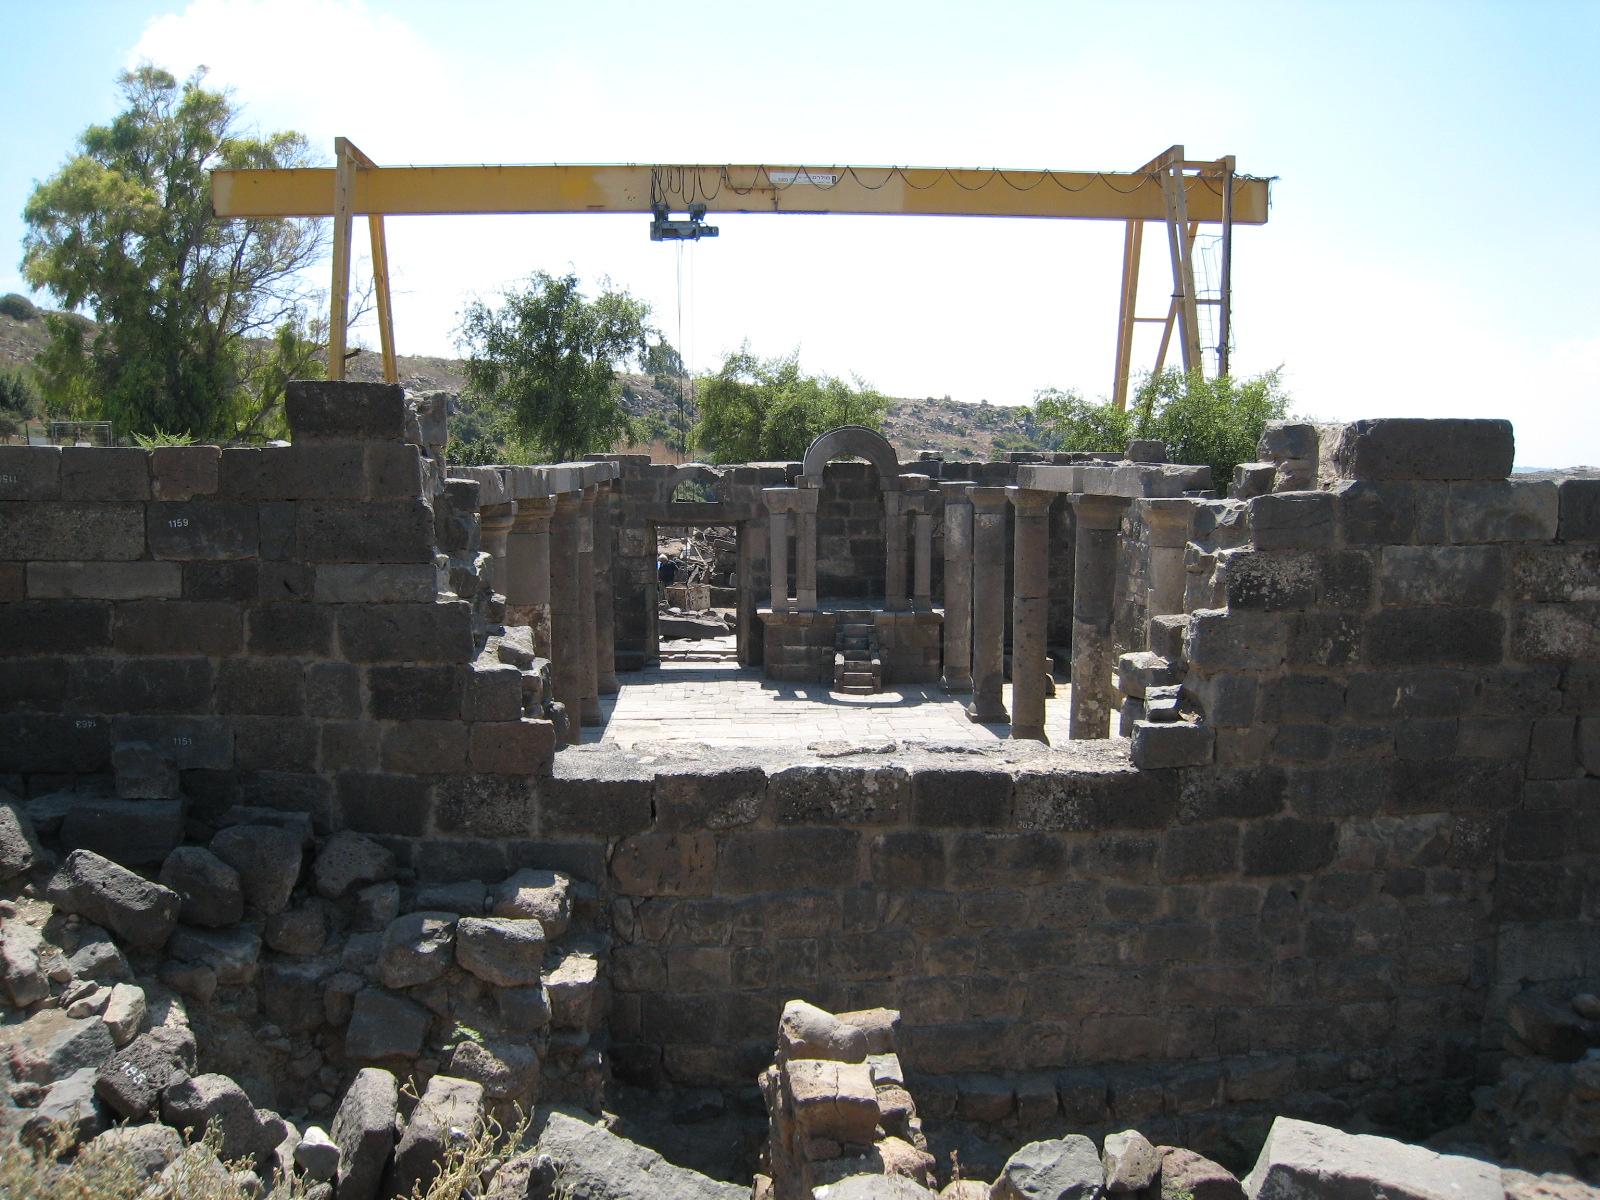 Barangolások Izraelben: az ezerötszáz éves zsinagóga és a számítógépes modellezés találkozása